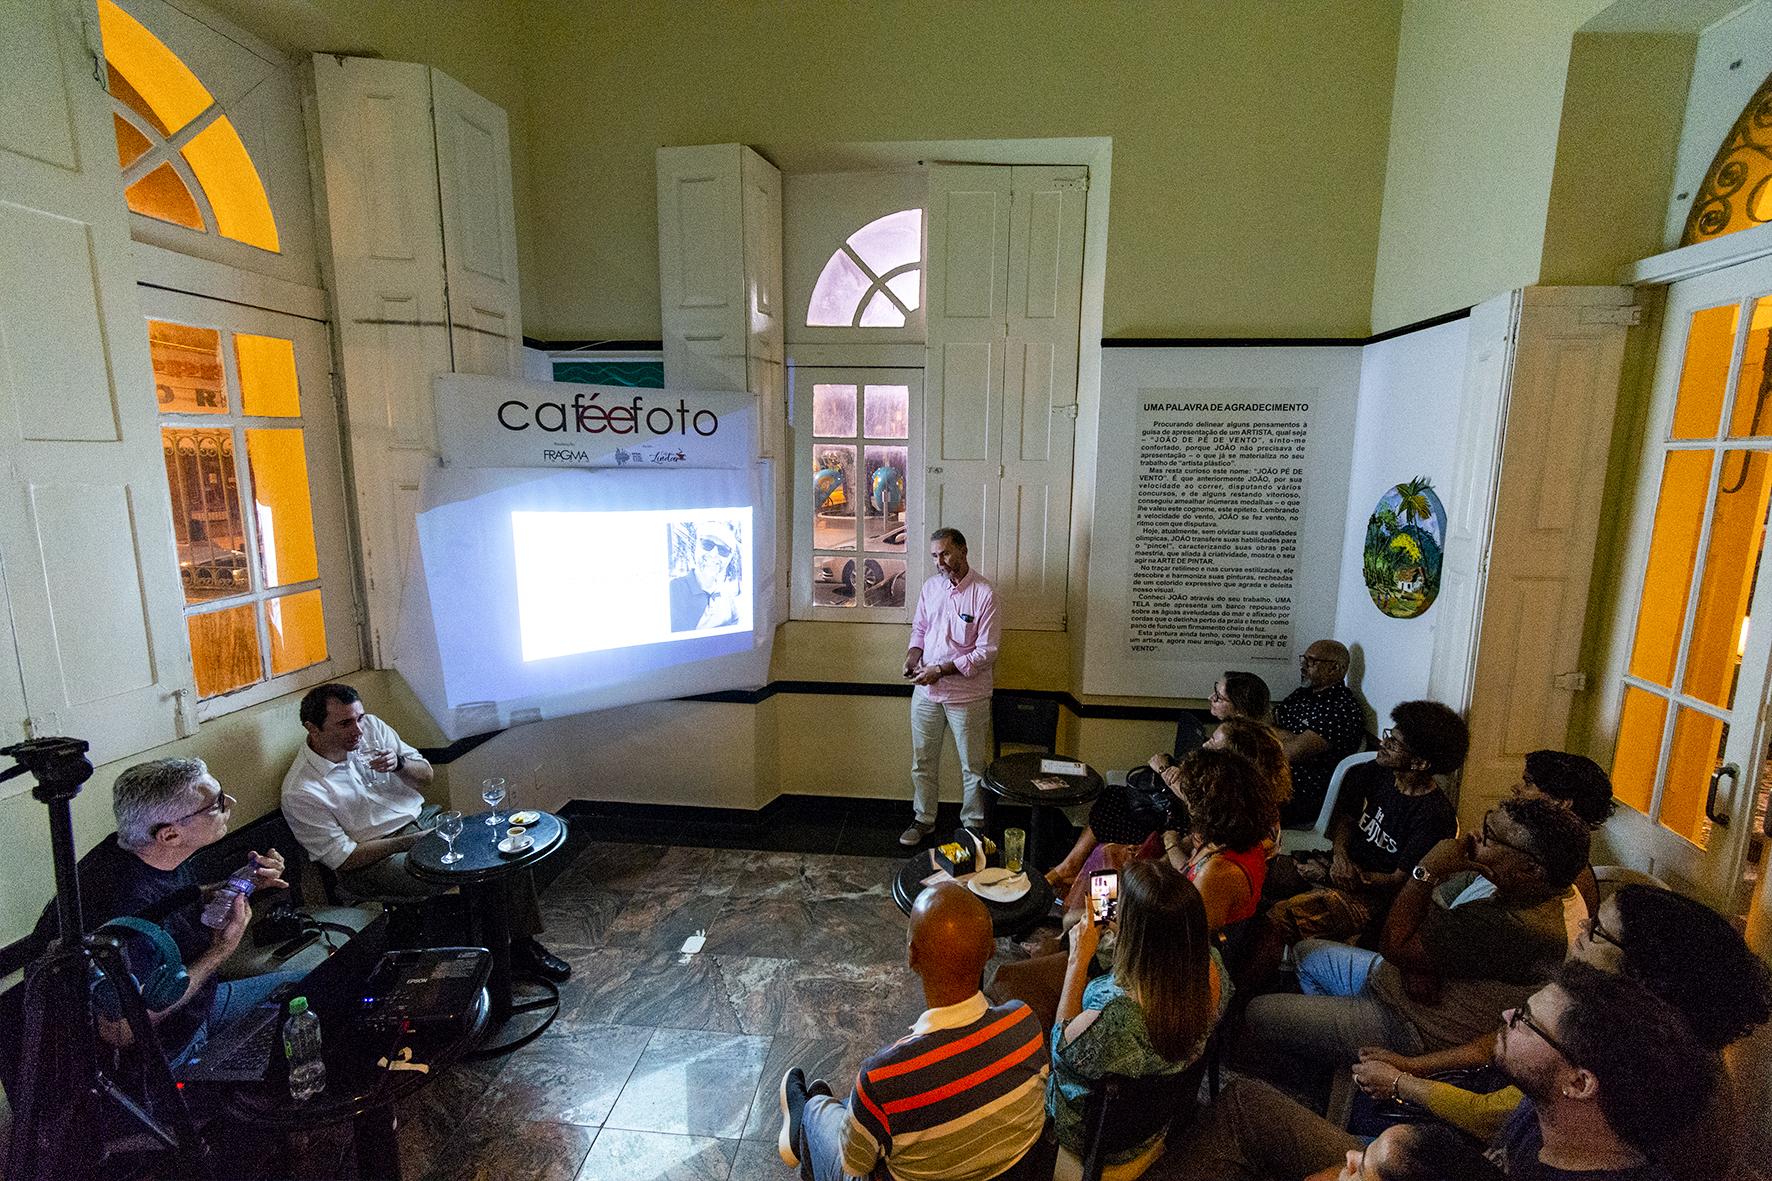 Na Edição, realizada em agosto, participaram os fotógrafos e idealizadores do Grupo Perambular Fotográfico, João Facchinetti e Alberto Lima | Foto: Arquivo FRAGMA